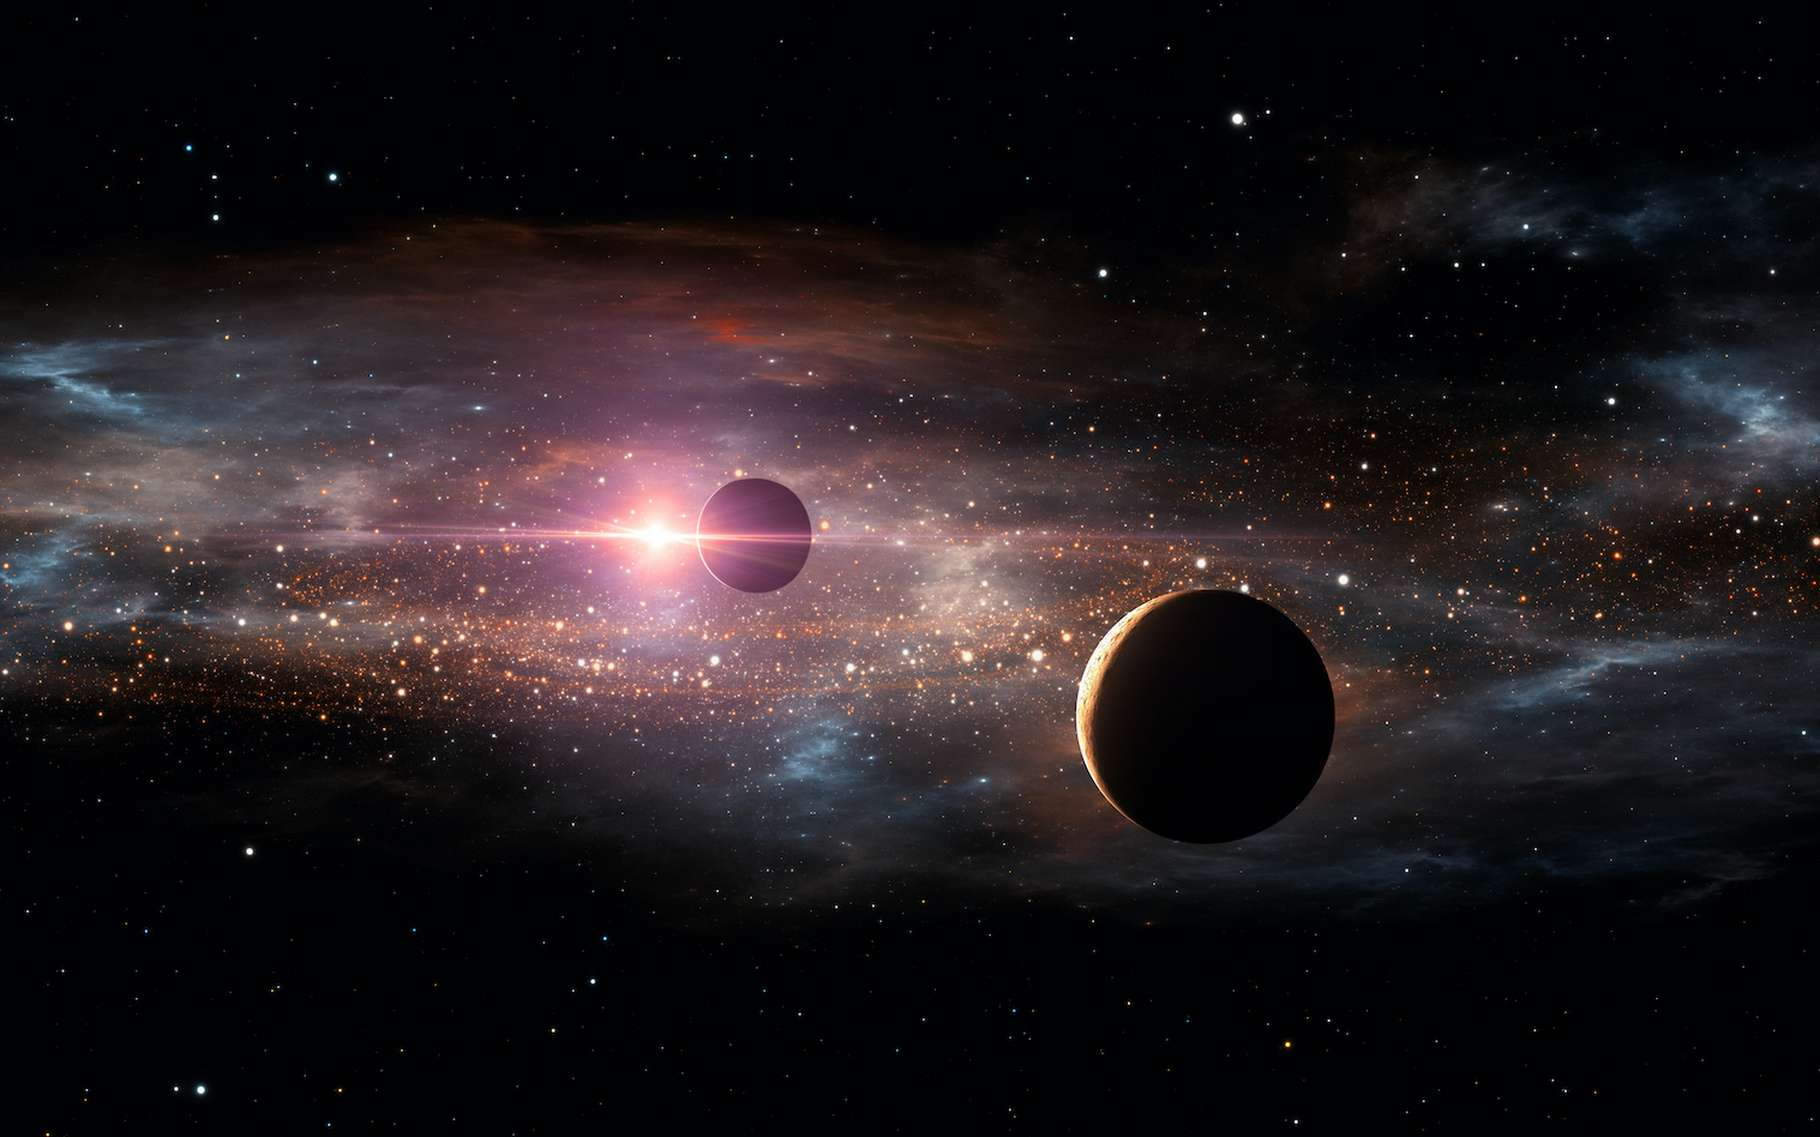 Des astronomes ont défini ce qu'ils appellent des étoiles « Boucles d'or », des étoiles plus susceptibles que les autres de voir la vie se développer sur l'une des planètes qui les entourent. © Peter Jurik, Adobe Stock